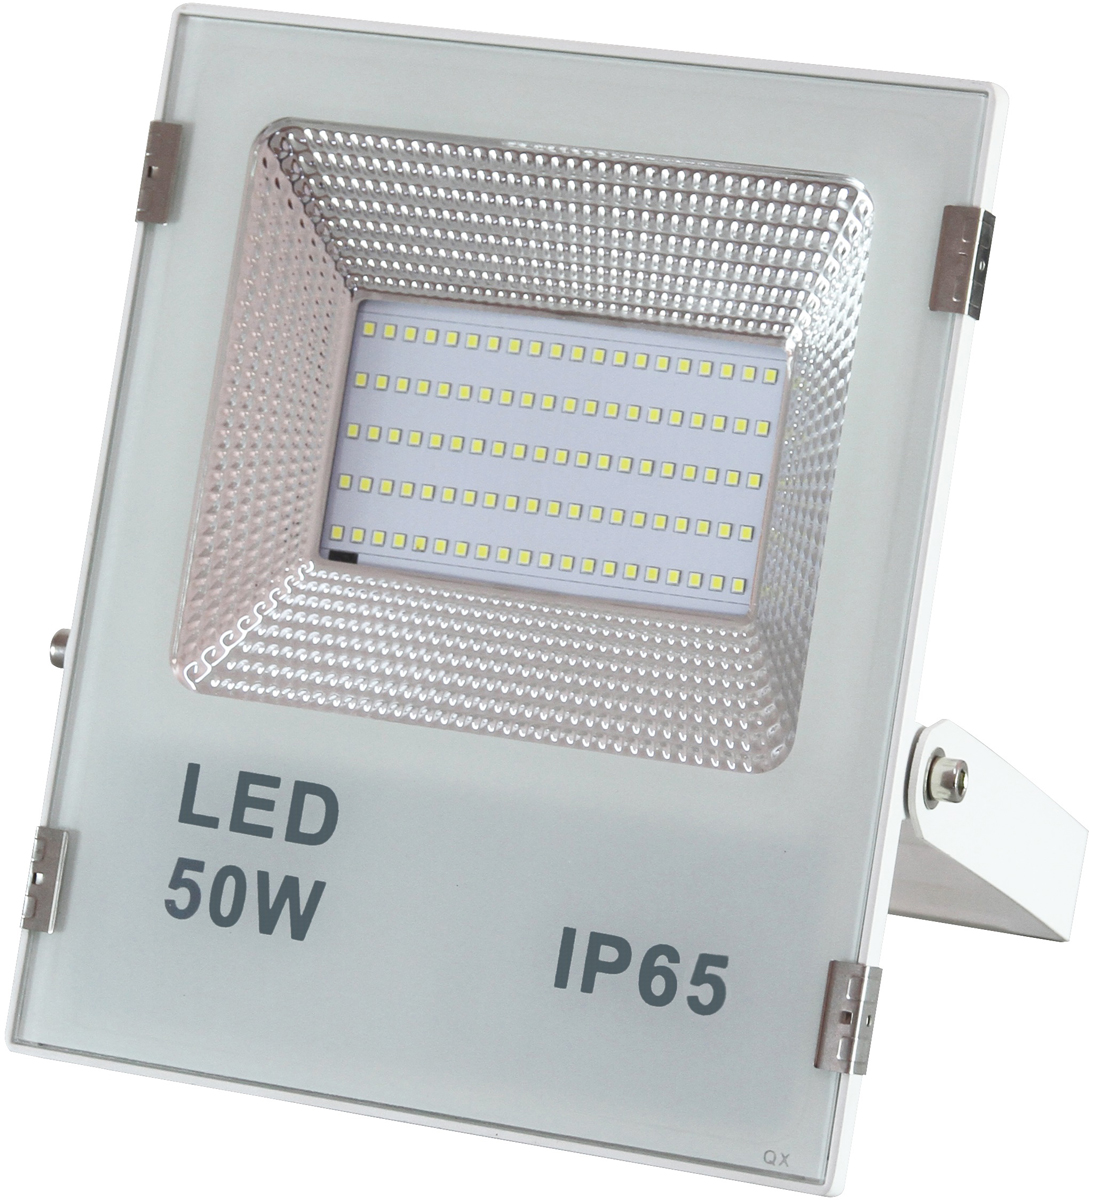 Прожектор Falcon Eye FE-ZS50LED, 50 Вт, 3200 ЛмFE-ZS50LEDFE-ZS50LED - светодиодный прожектор, предназначенный для освещения большого пространства или подсветки объектов и сооружений различного назначения. Высокая степень защиты от любых погодных условий IP65. Потребляемая мощность 50 Вт. Световой поток 3200 Лм.